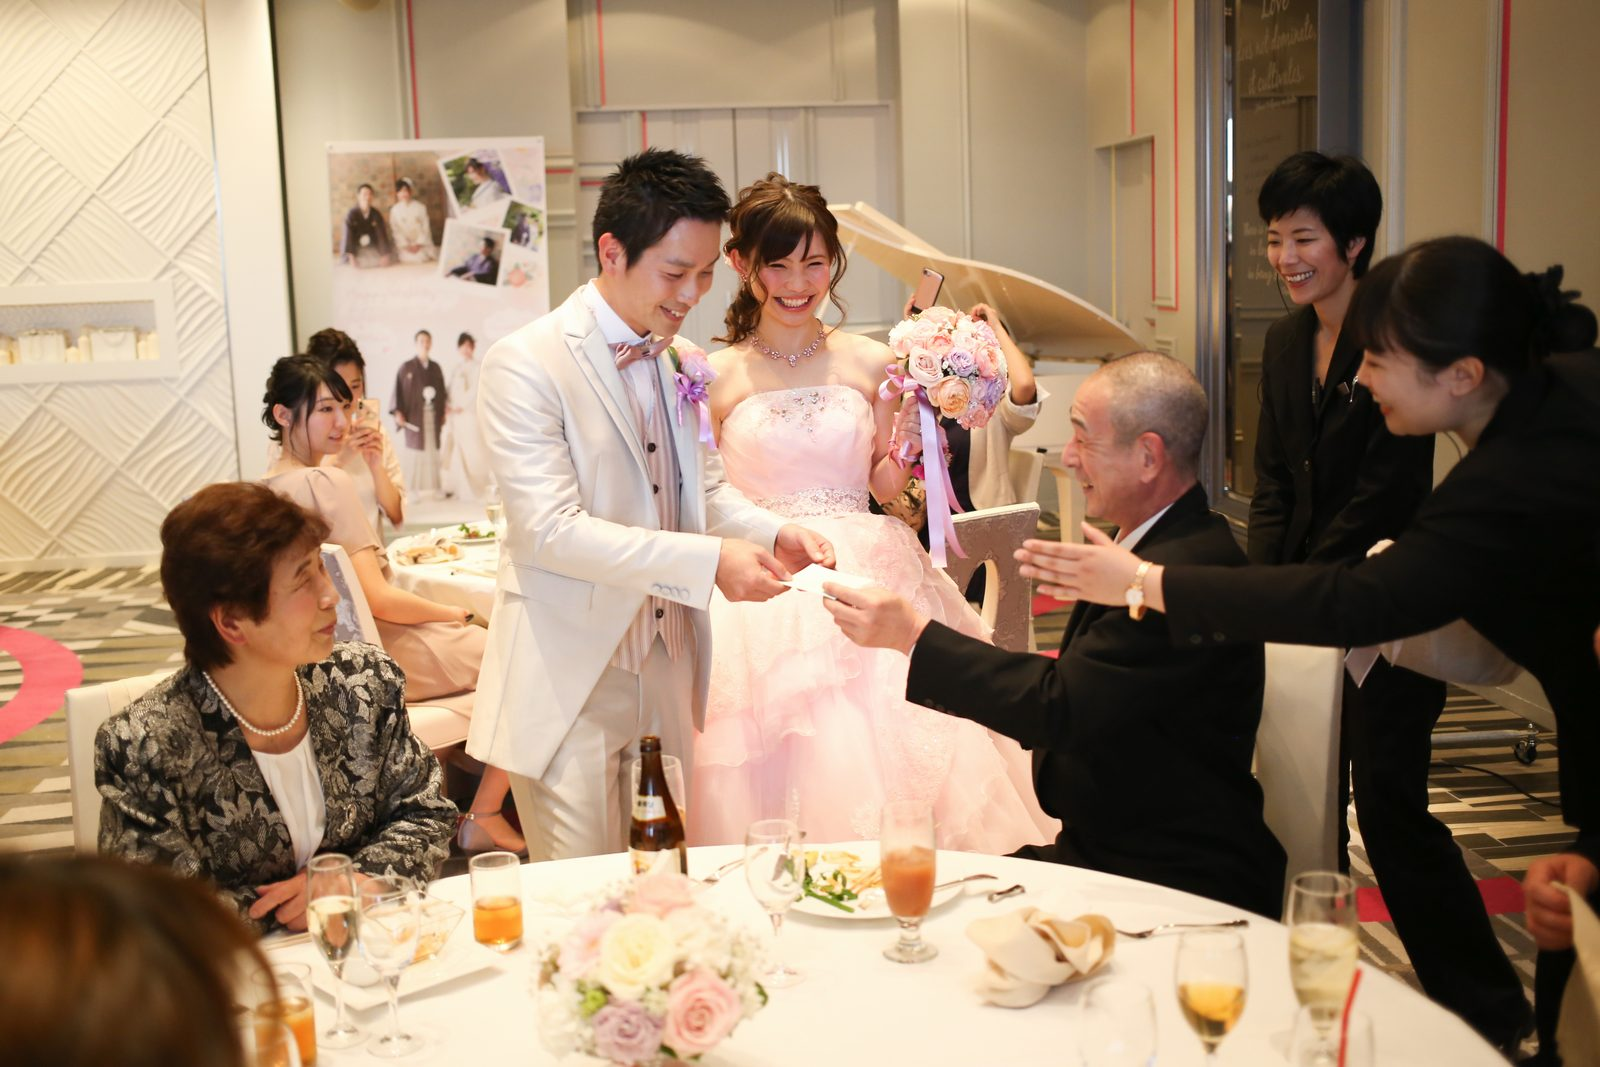 徳島市の結婚式場ブランアンジュでフォトサービスをする新郎新婦